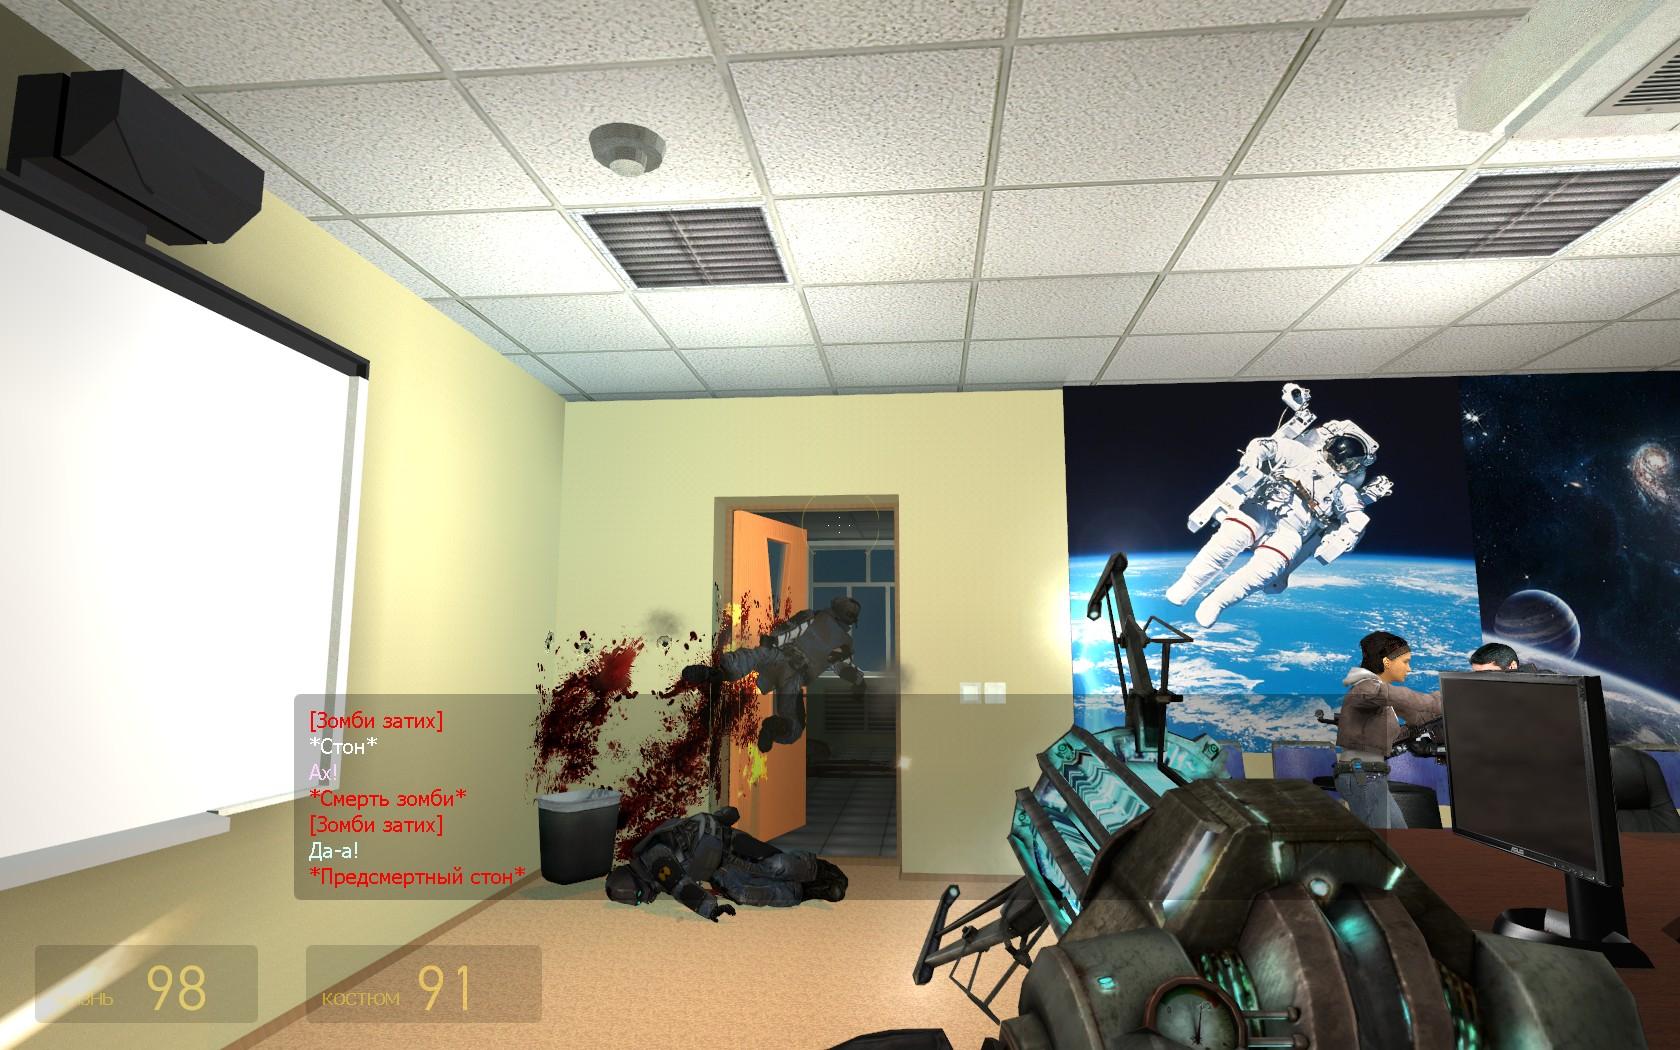 Тестовая карта мода bms_MixA72rus_p3 - Half-Life 2 Тестовая карта мода bms_MixA72rus_p3